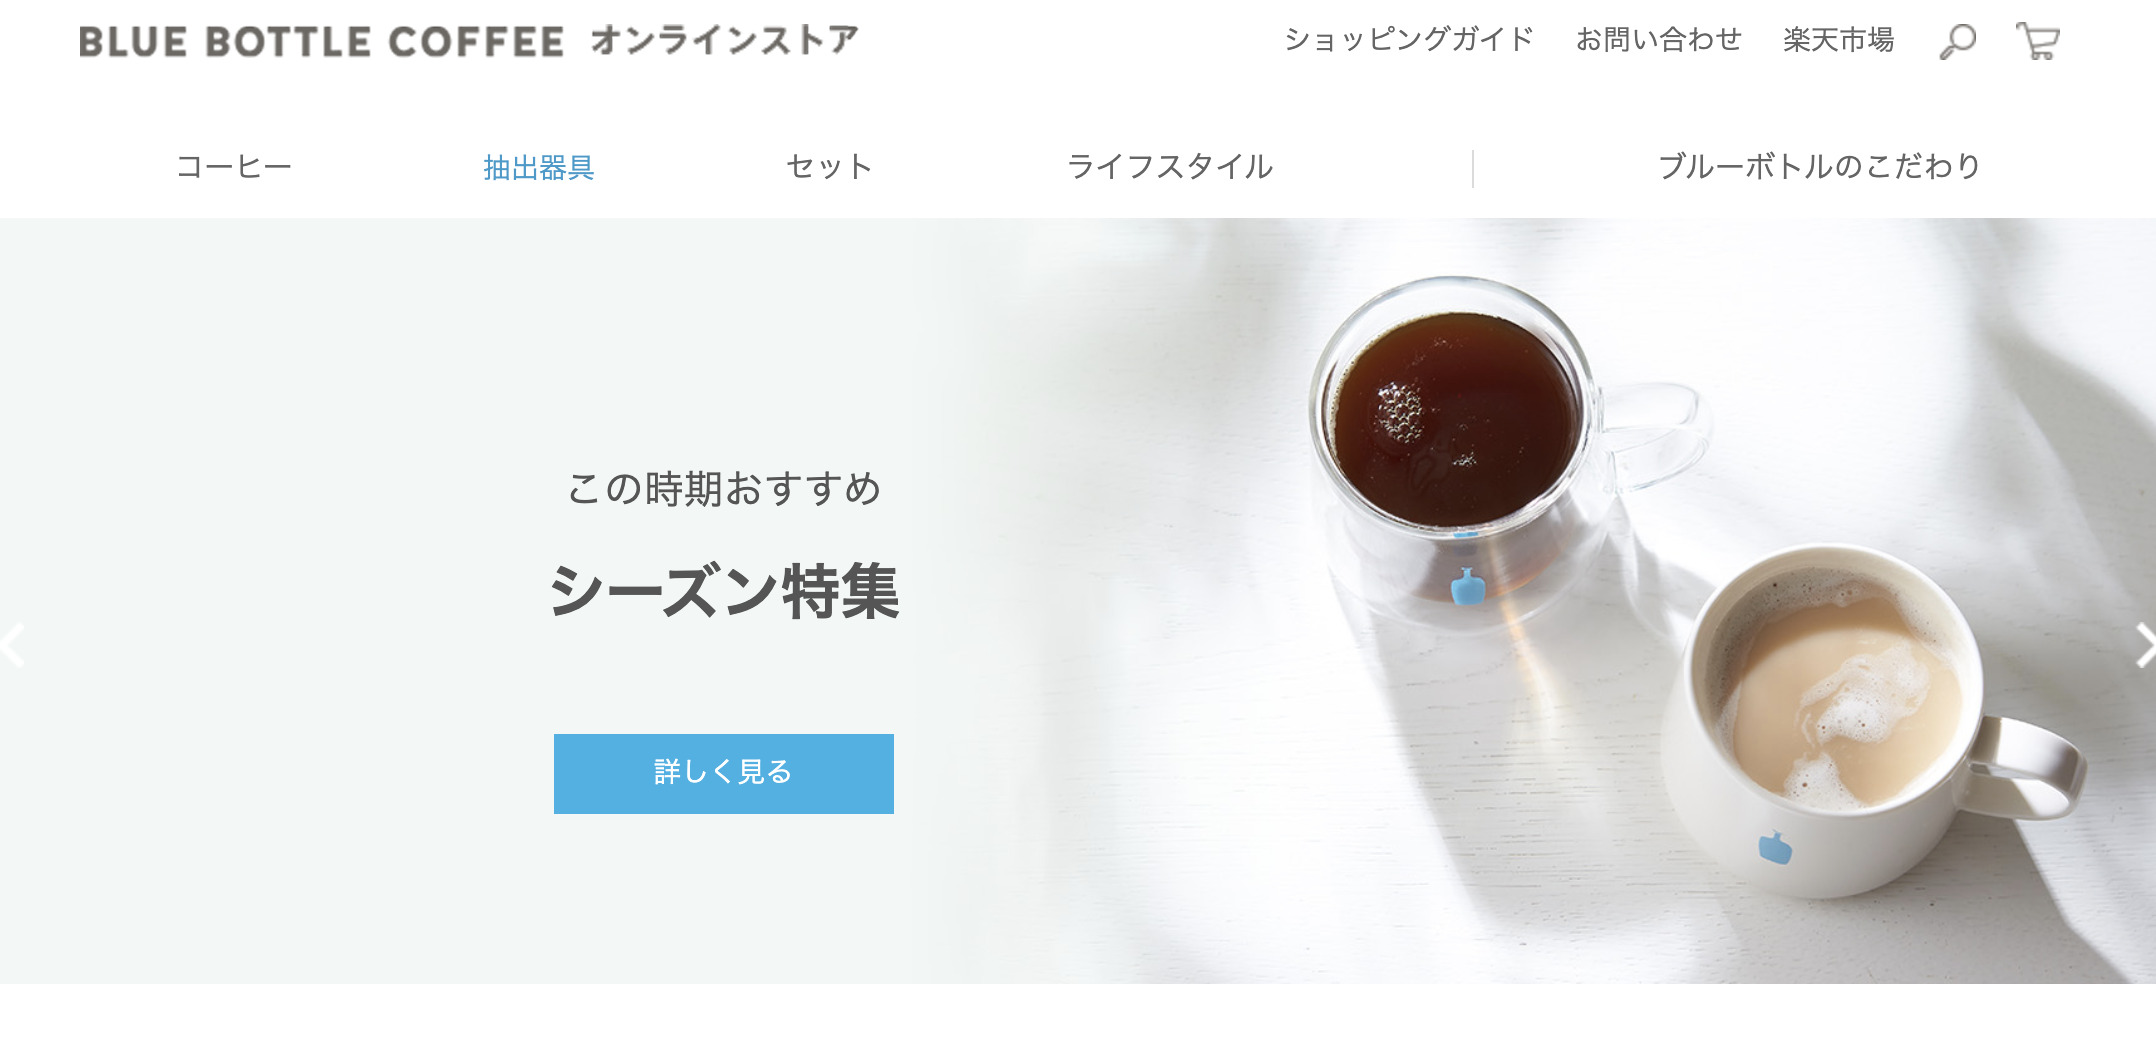 コーヒー豆通販 楽天で買えるおすすめショップ